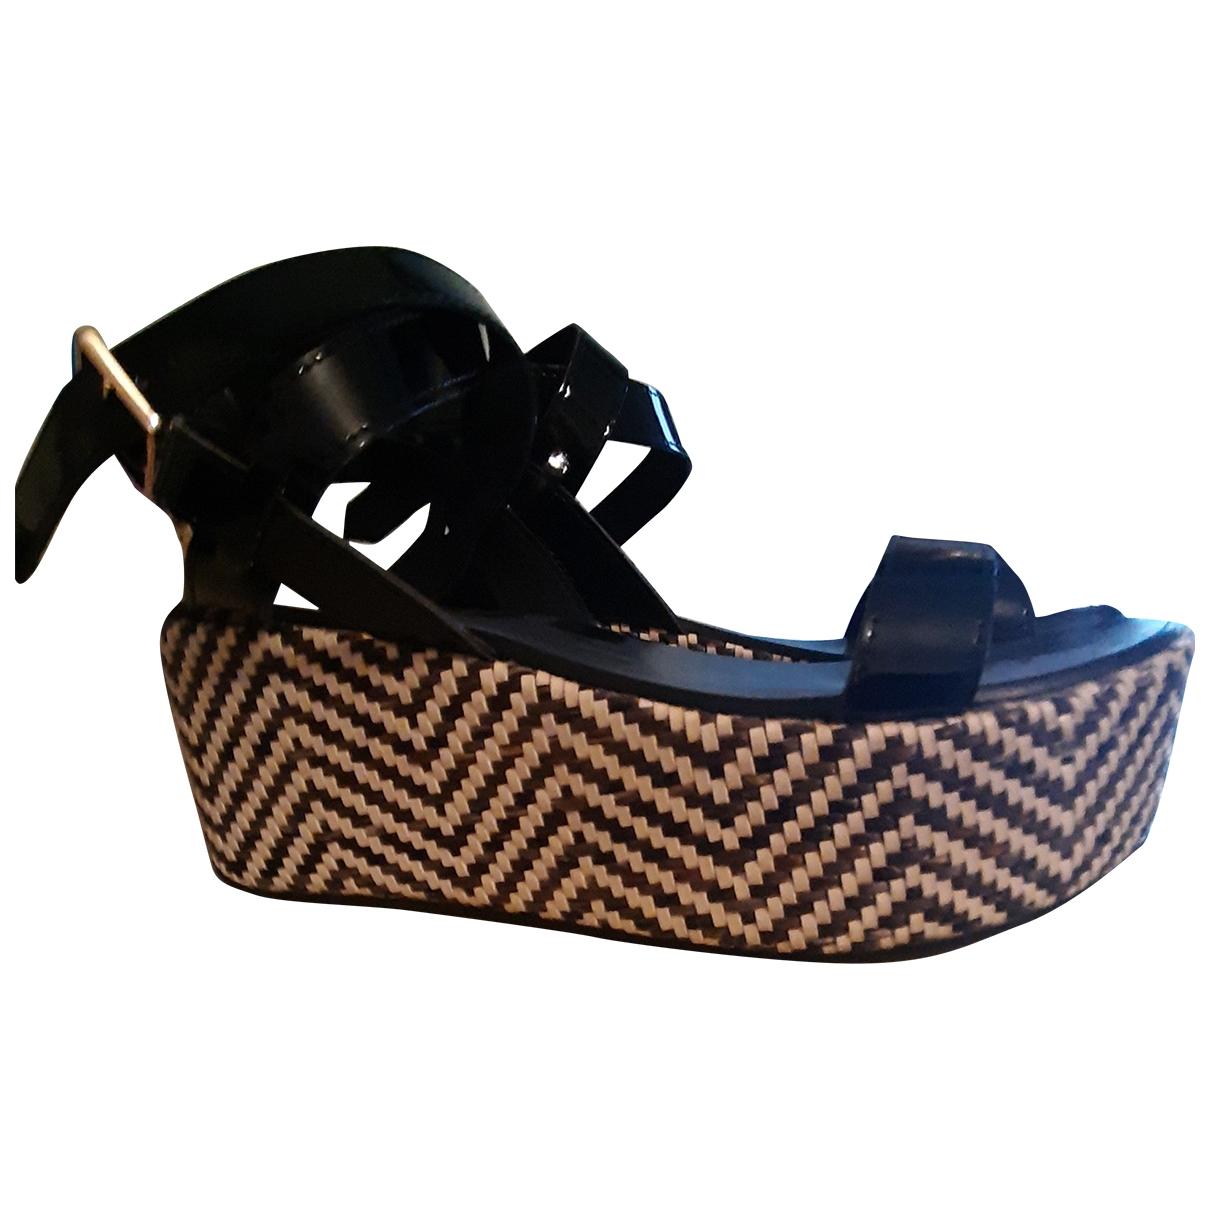 Liu.jo - Sandales   pour femme en cuir verni - noir